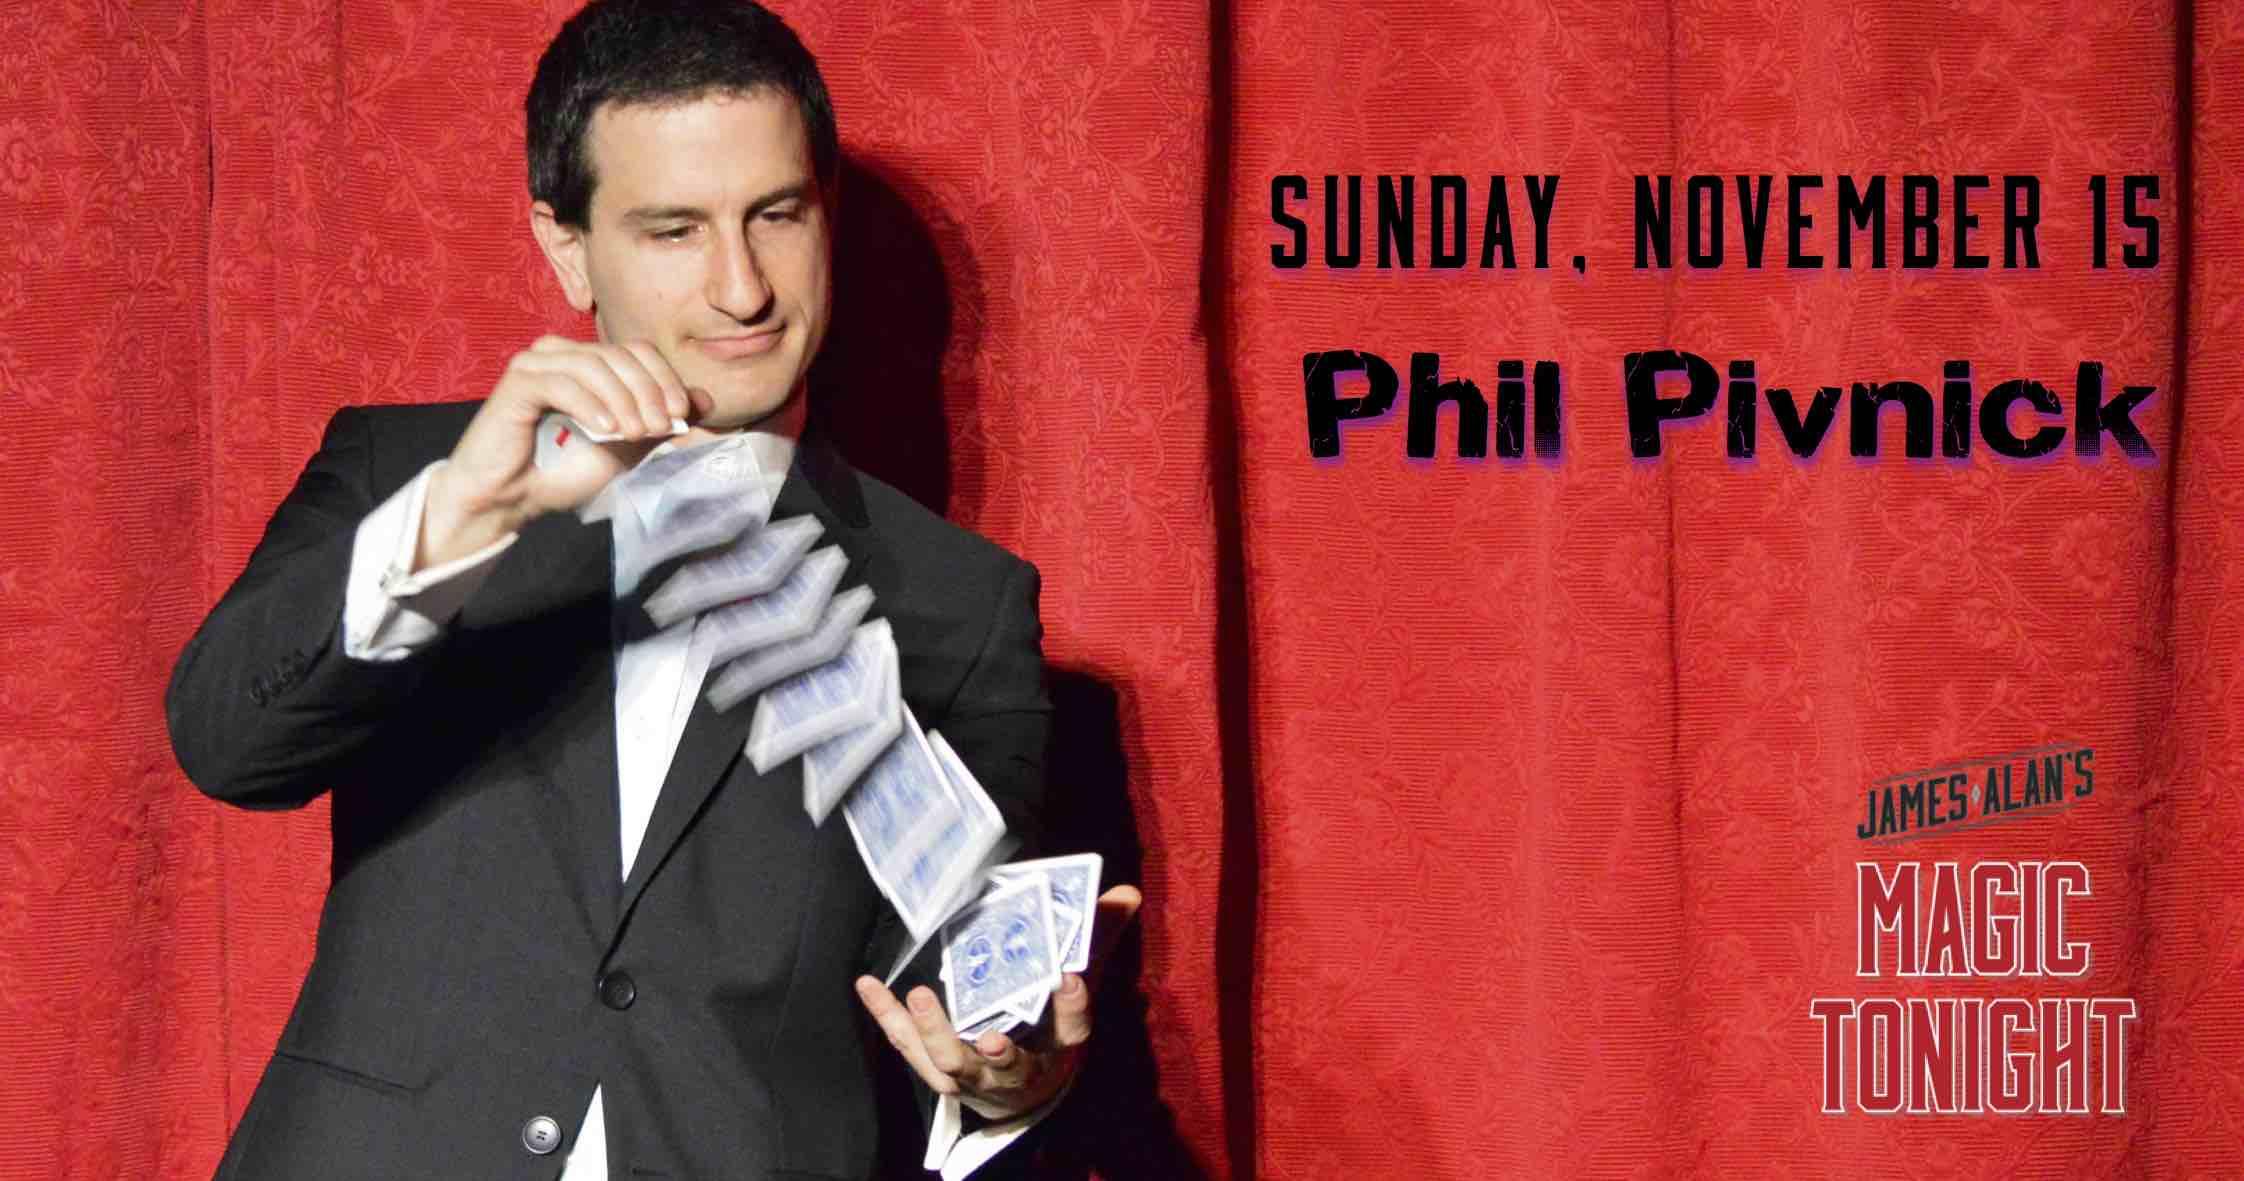 November 15 Phil Pivnick